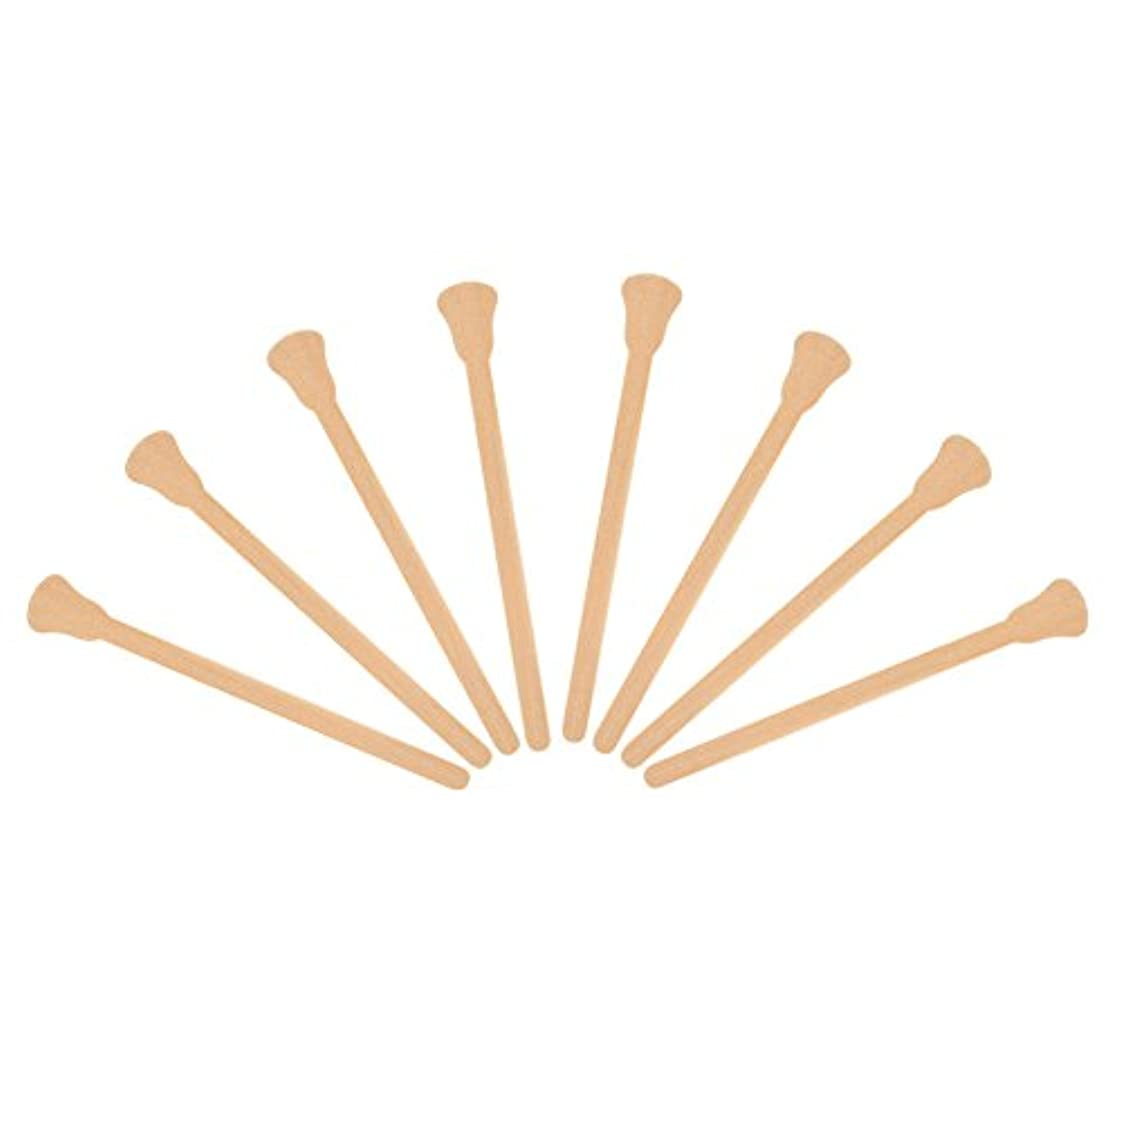 直接プラグ必要ない100本入れ 木製 ワックスヘラ 舌圧子 使い捨て フェイシャルマスク 脱毛クリームアプリケーター